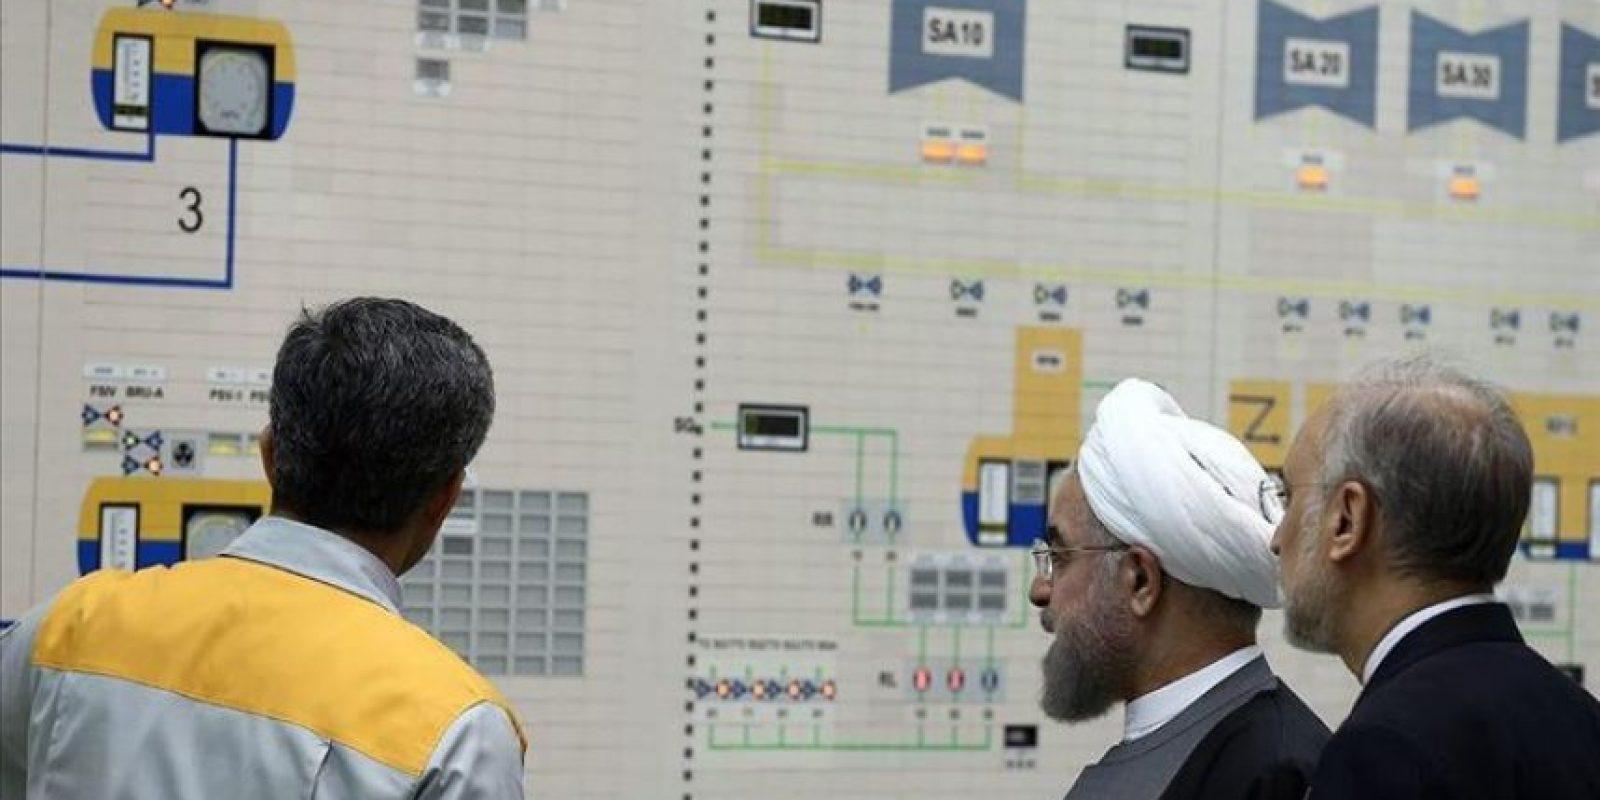 Fotografía facilitada por la web de la oficina presidencial de Irán que muestra al presidente de Irán, Hassan Rowhani, visitando la central nuclear de Bushehr junto al director de la Organización de Energía Atómica de Irán, Ali Akbar Salehi (d), en Bushehr, Irán el 13 de enero de 2015. EFE